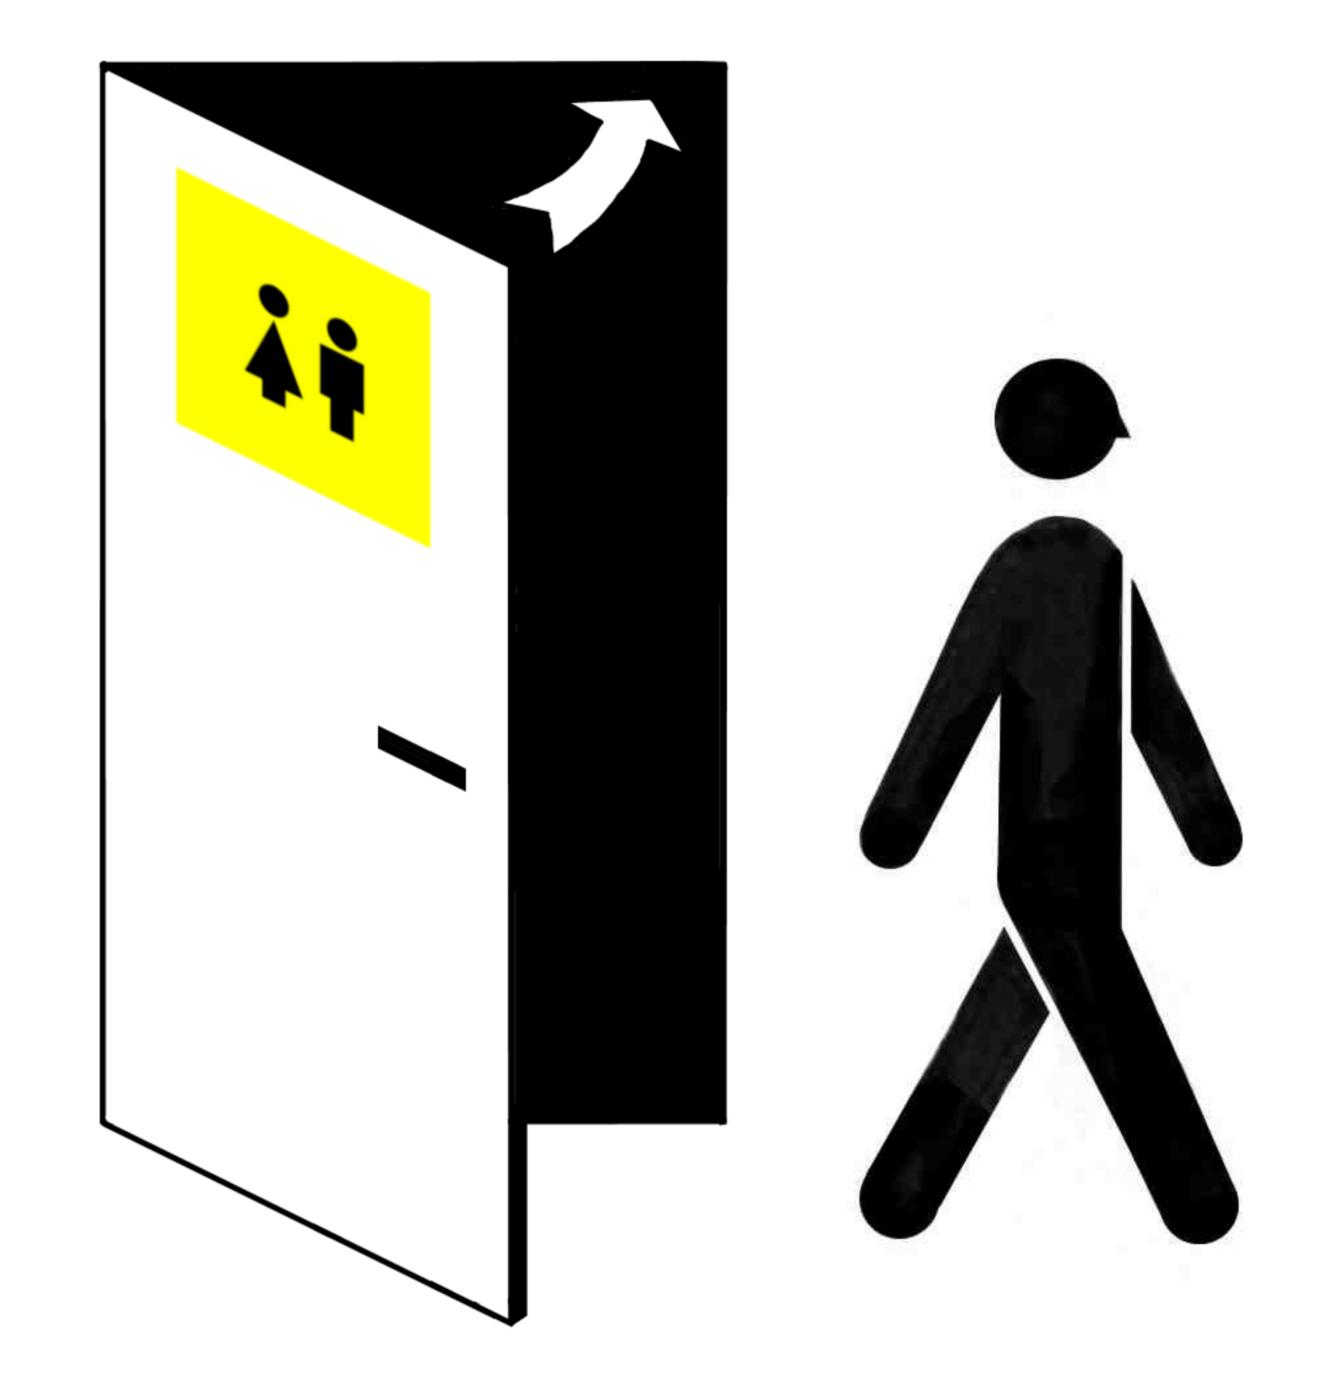 Jak powinny być zaprojektowane drzwi do toalet publicznych